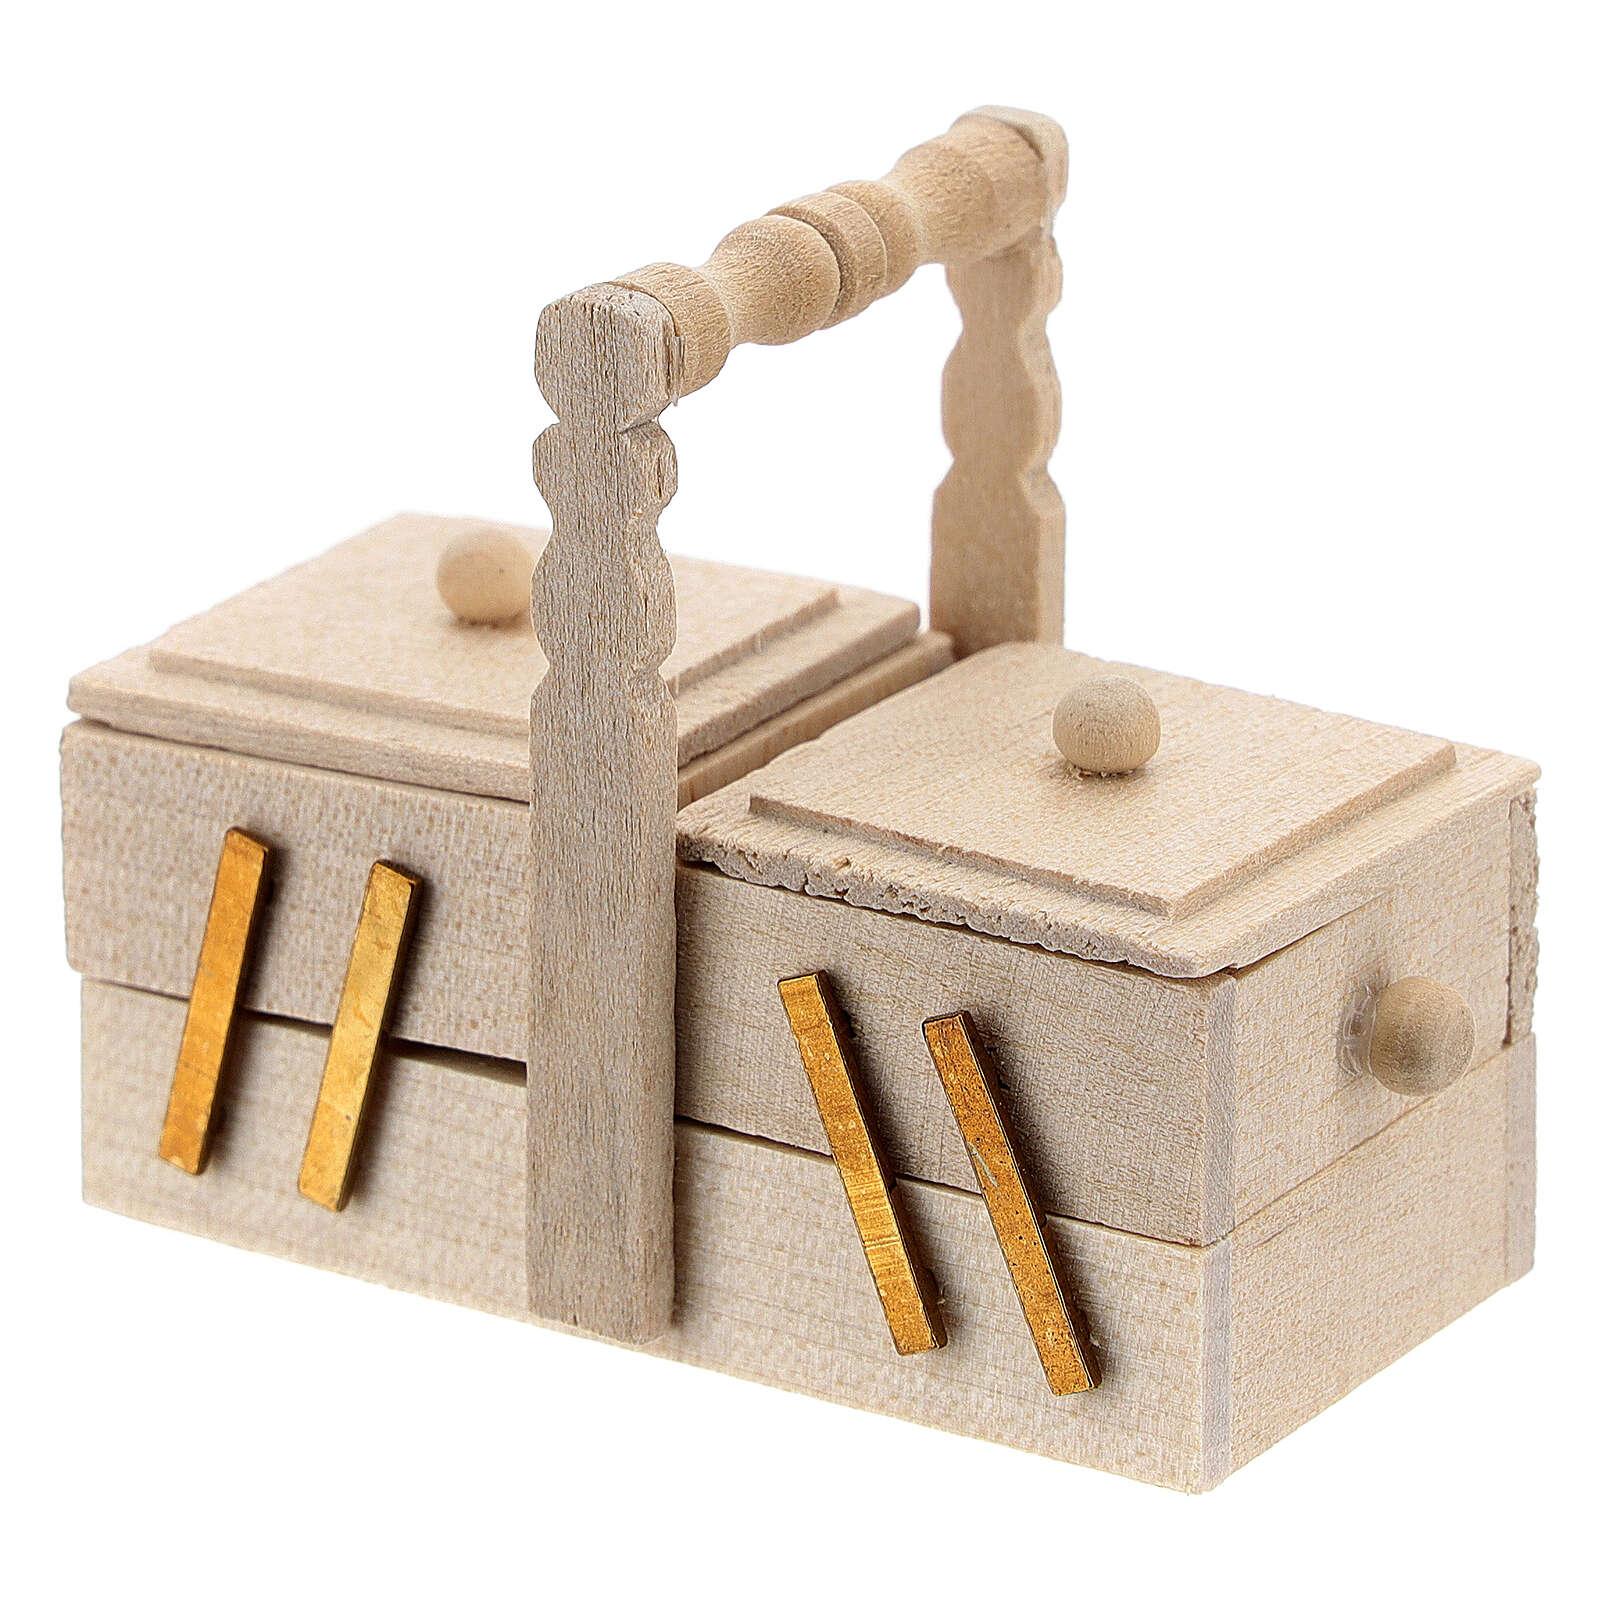 Seamstress' box for Nativity Scene with 10 cm figurines 4